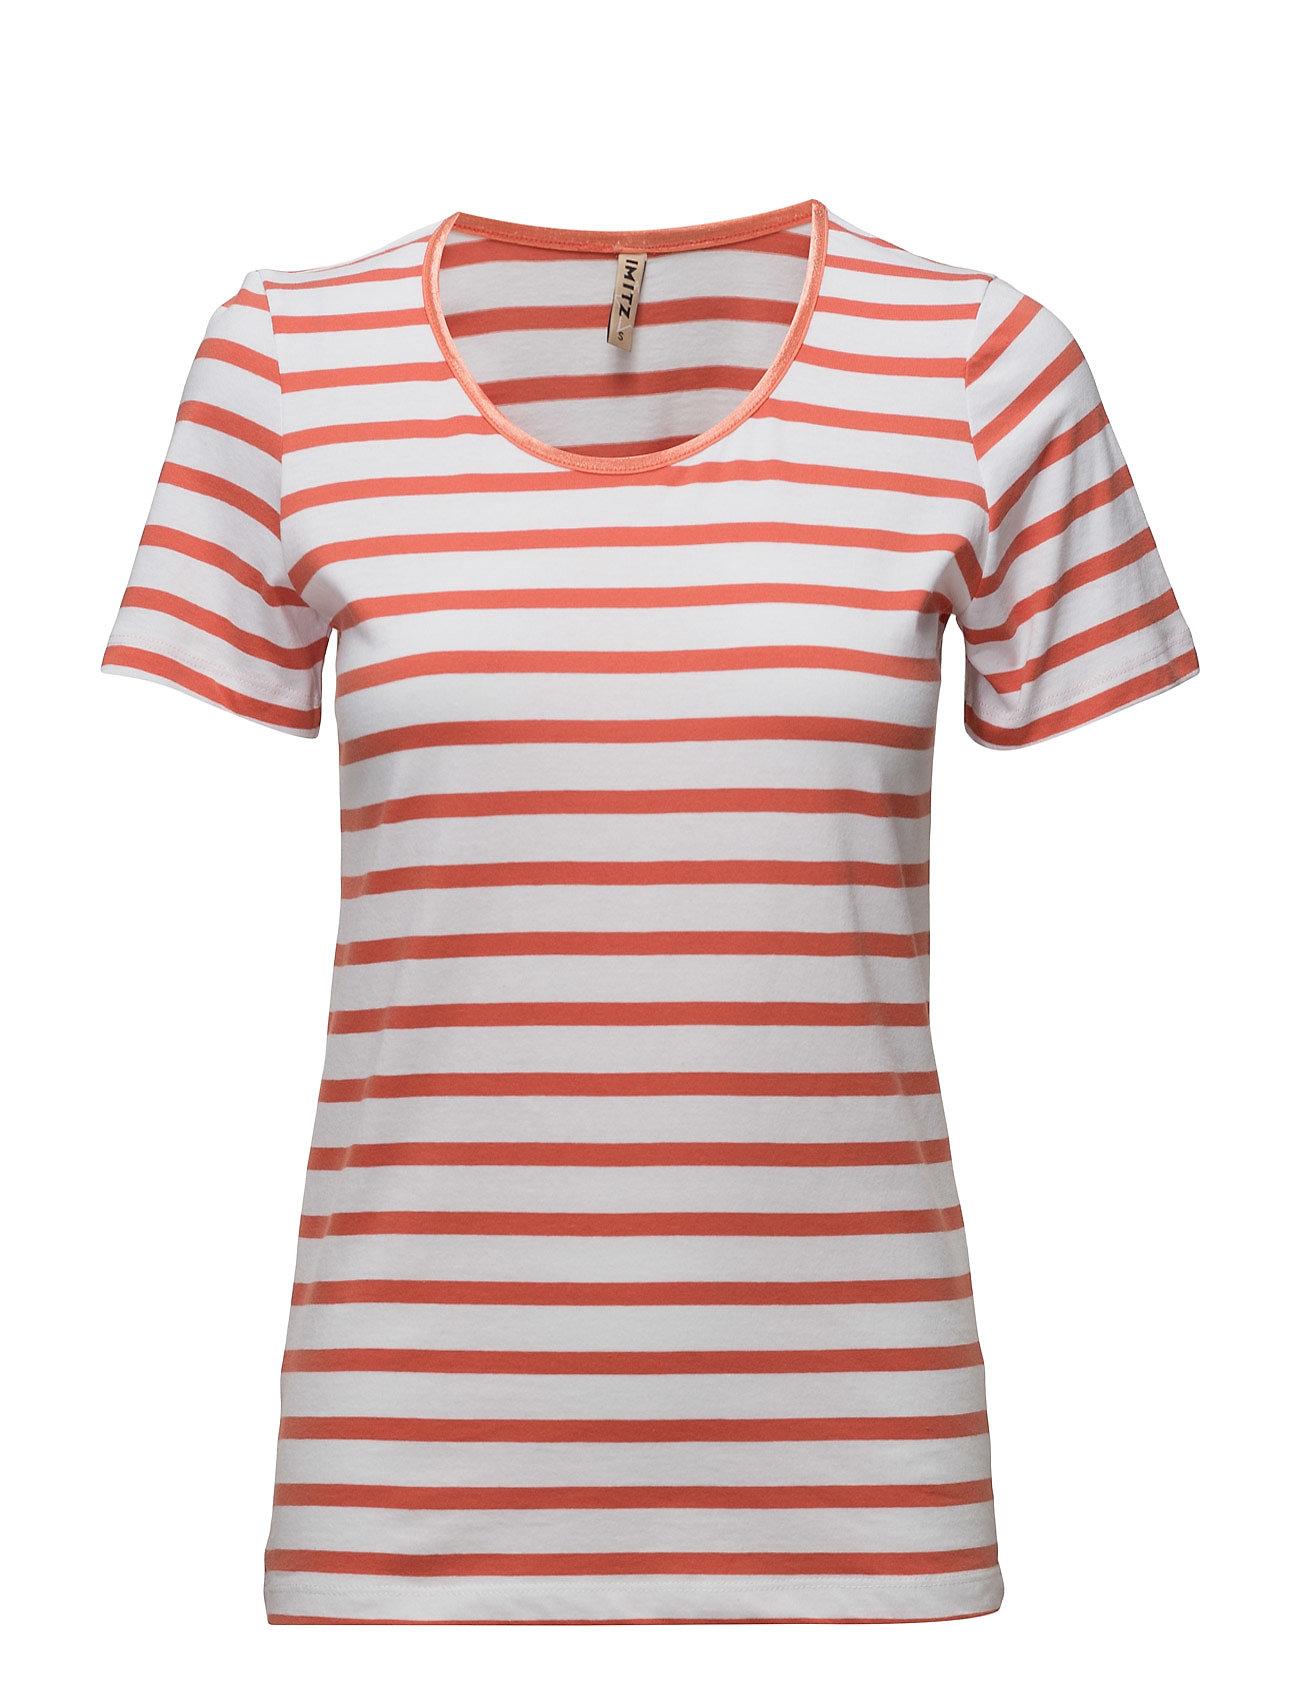 imitz T-shirt s/s på boozt.com dk